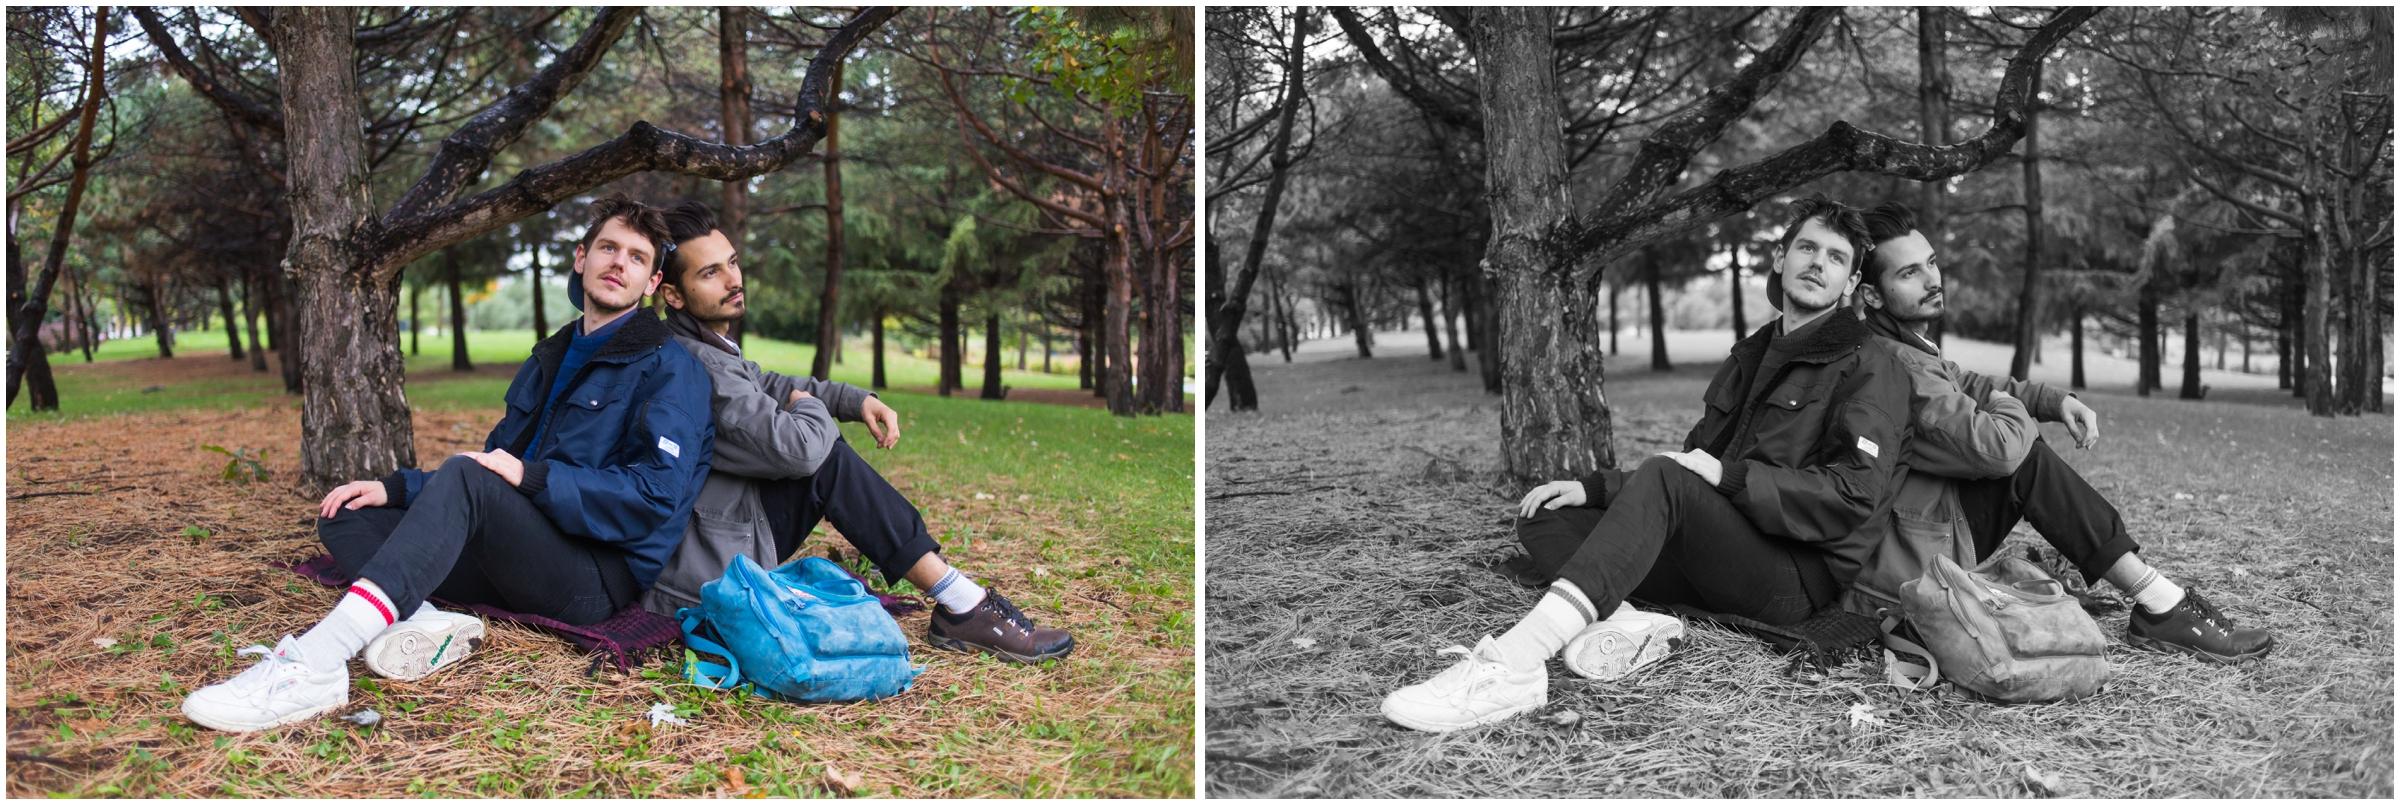 Peter and Asha (Selena Phillips-Boyle)_0017.jpg